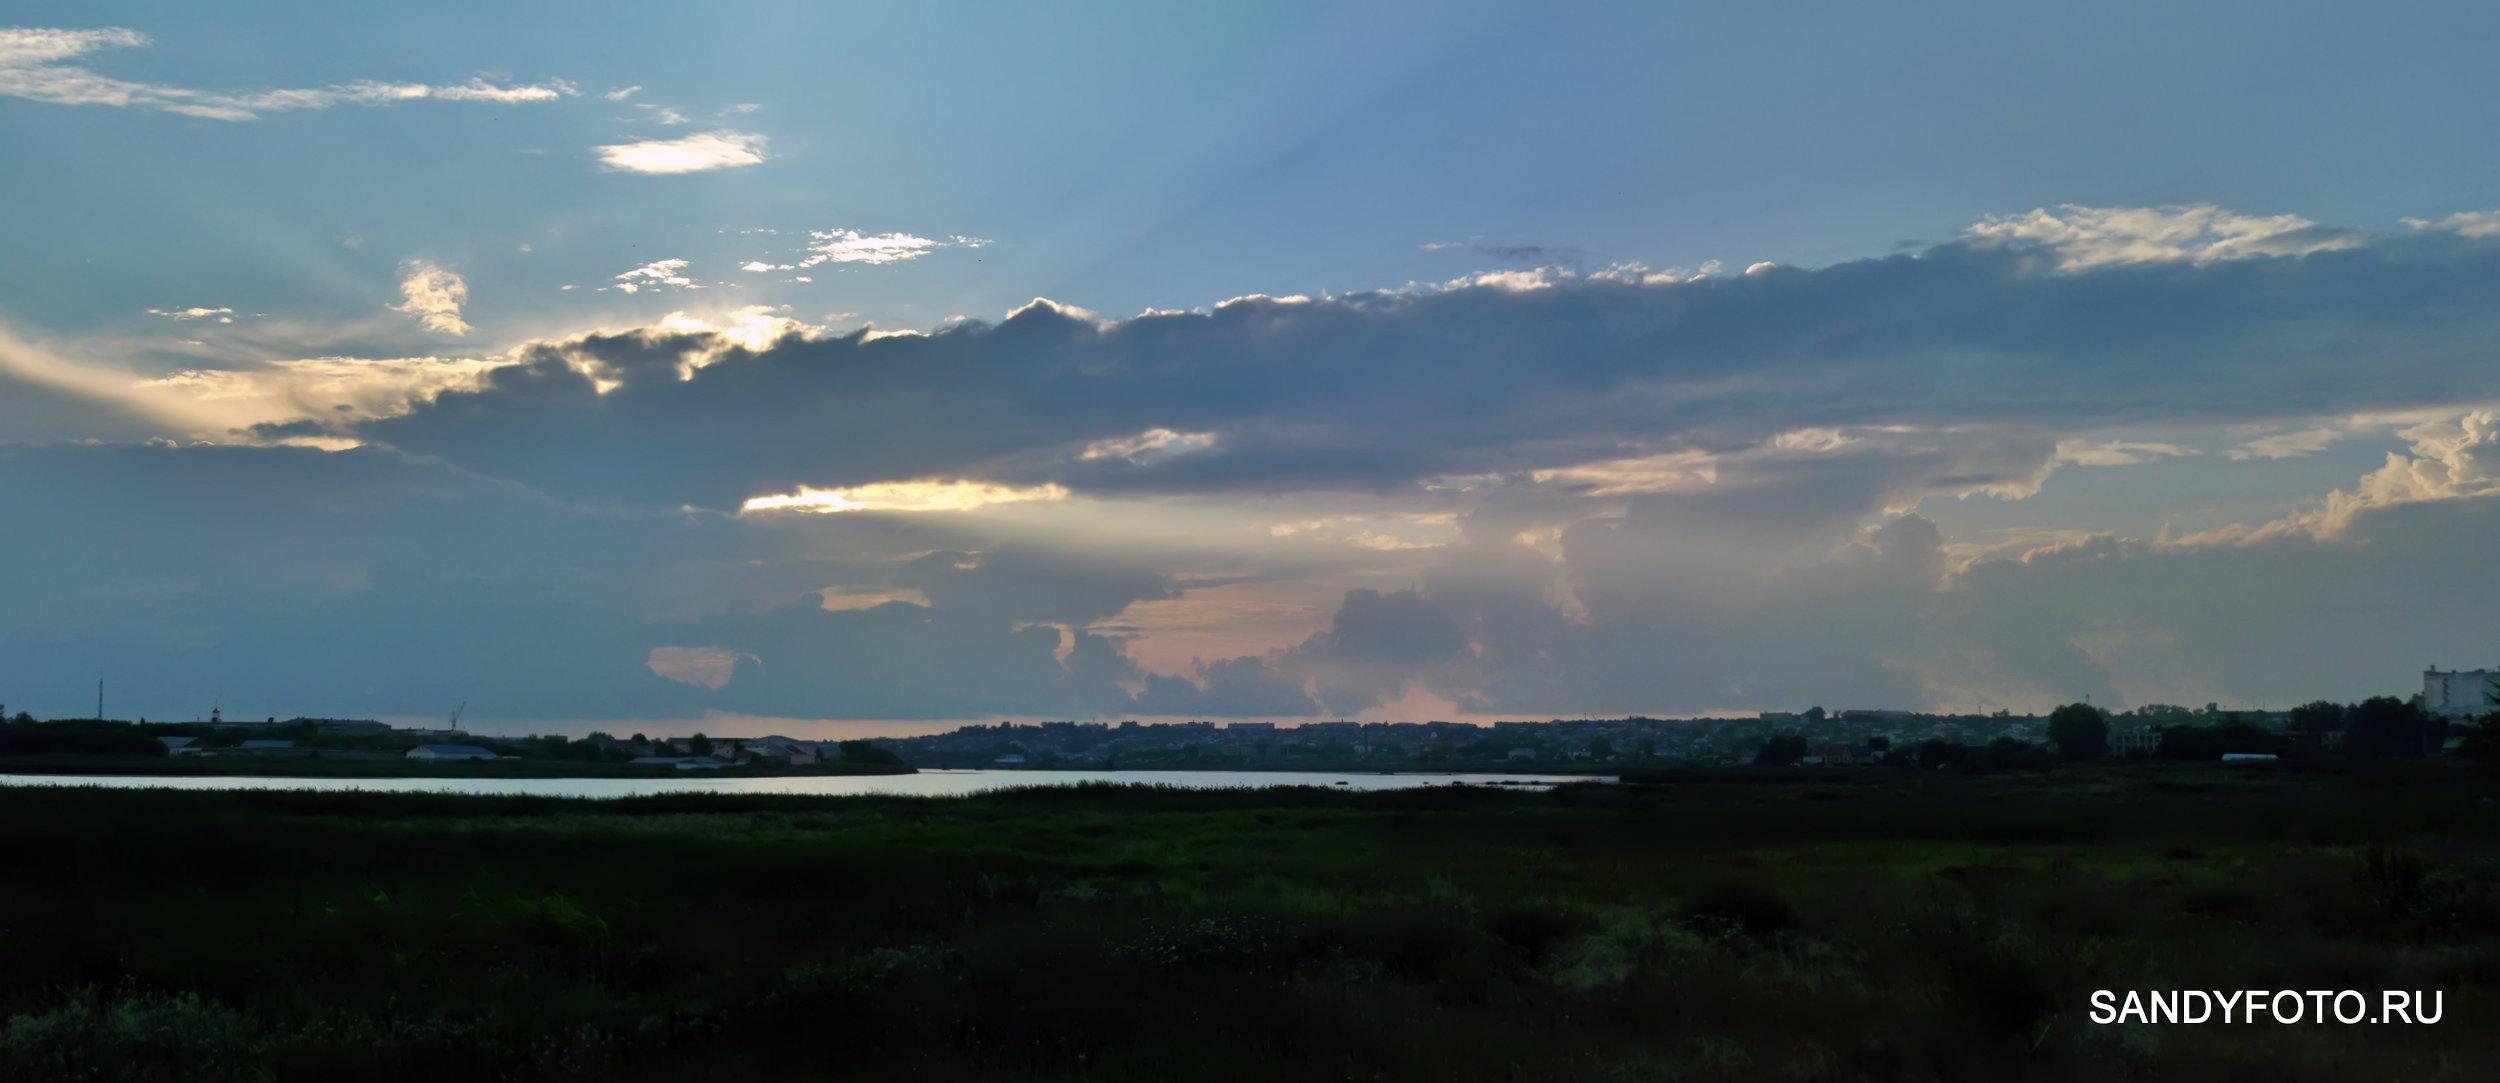 Небо над Троицком. Часть пятая [14 фото]